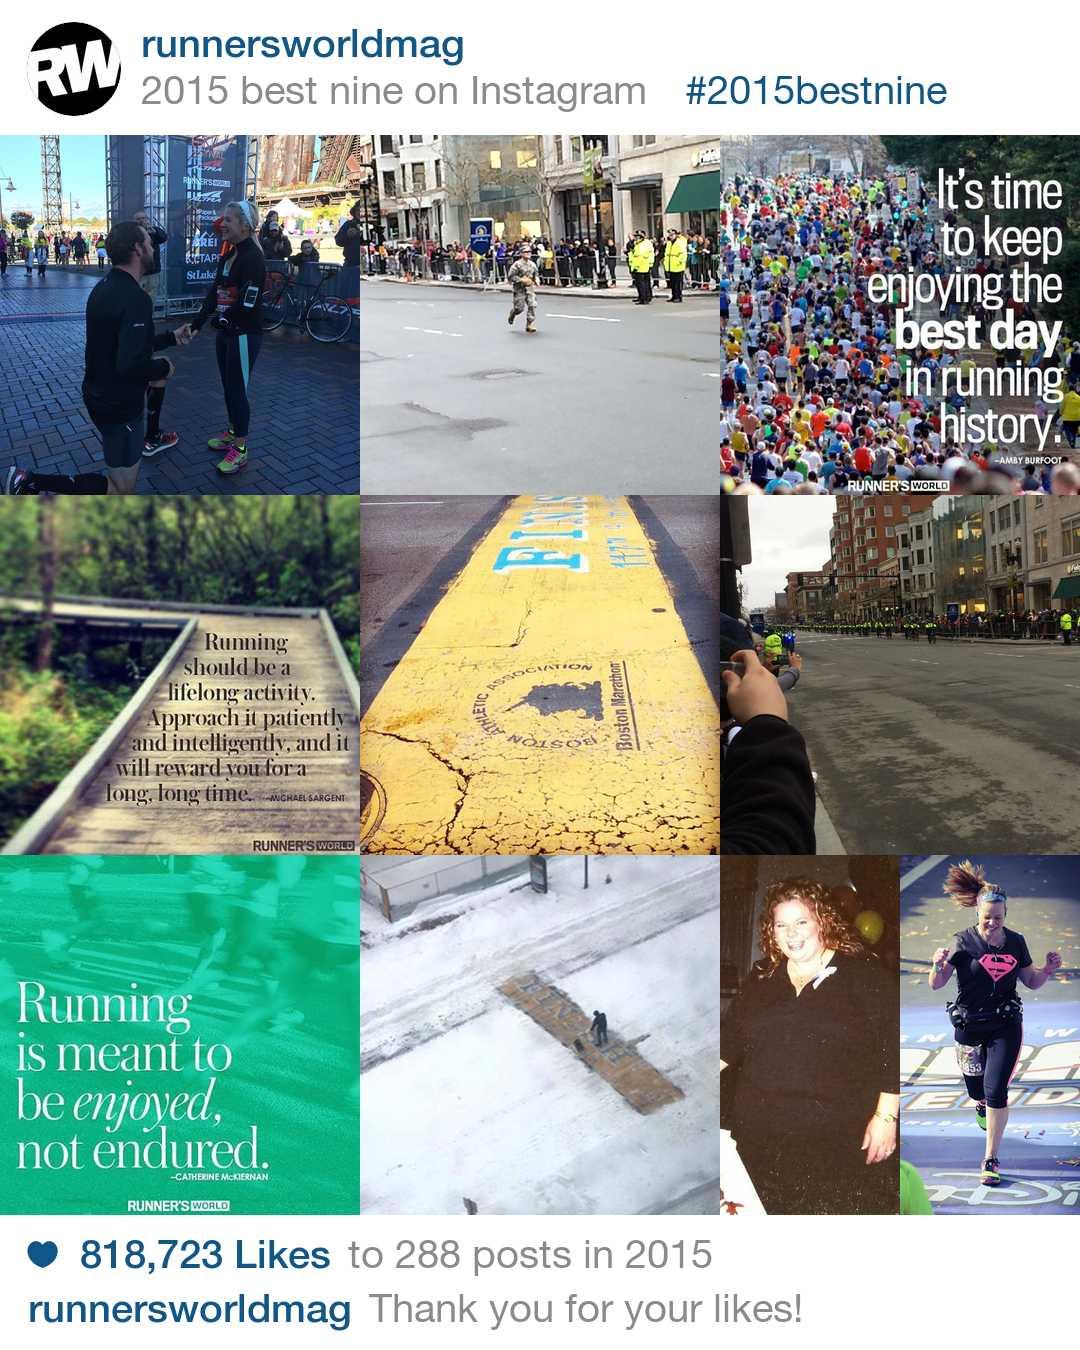 runnersworldmag_full